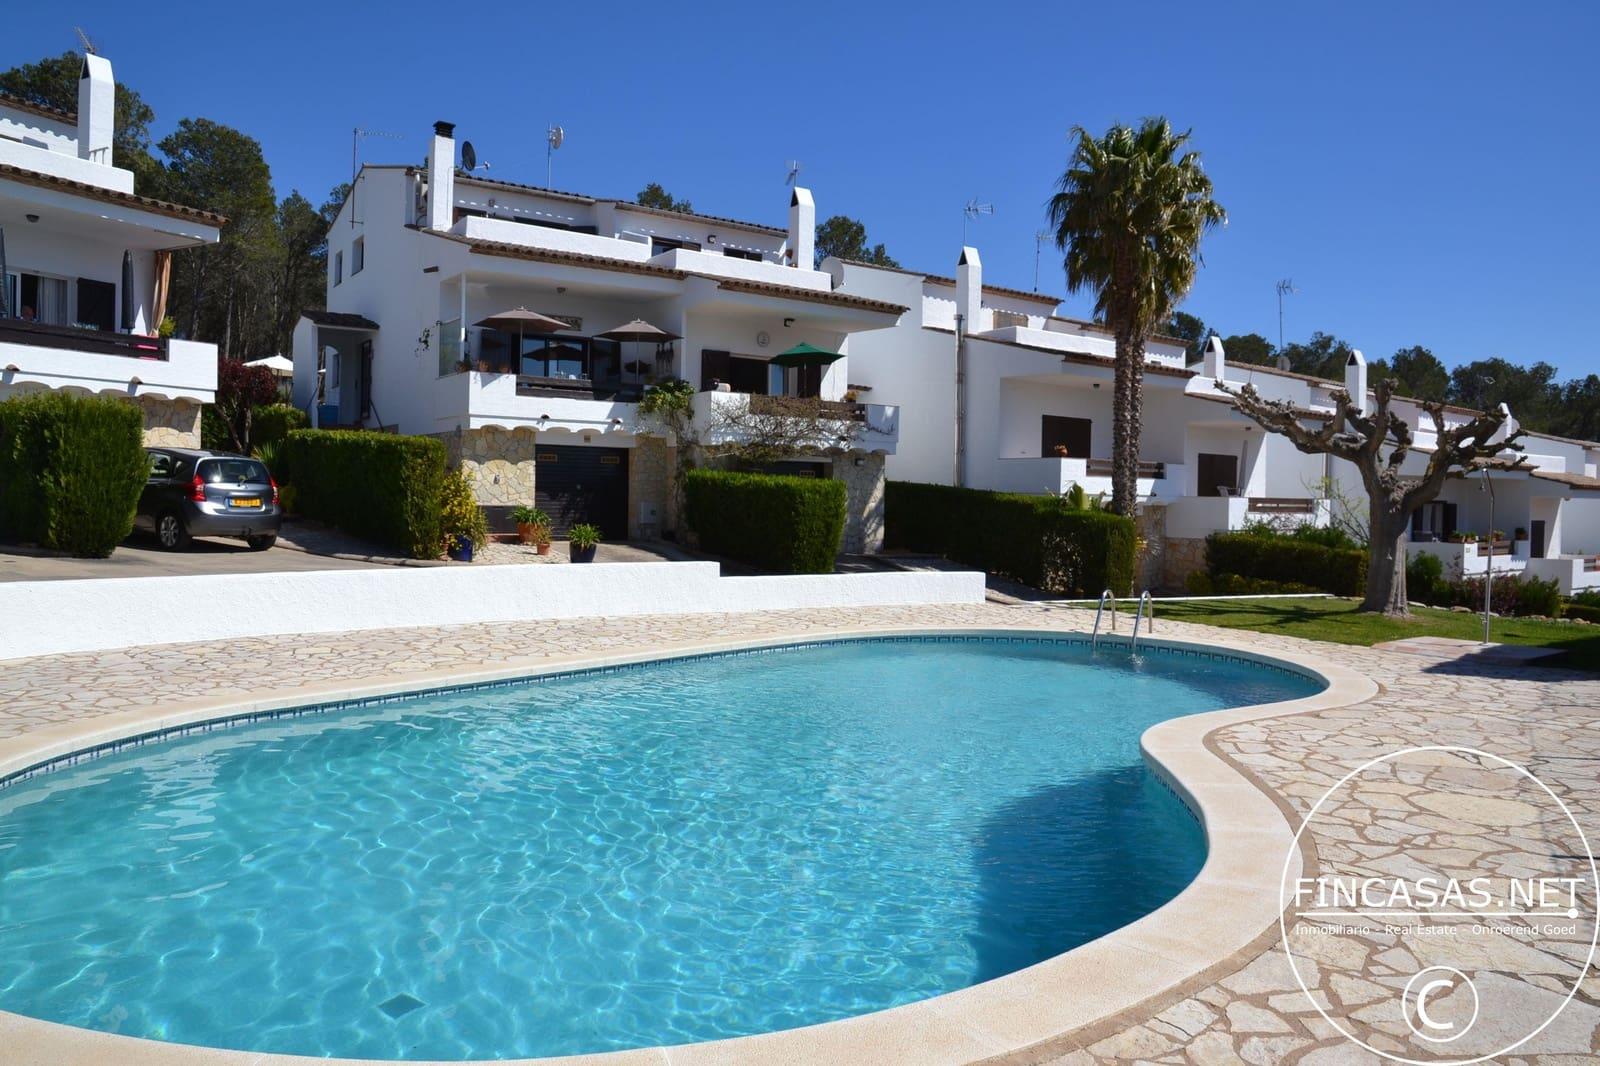 3 bedroom Semi-detached Villa for holiday rental in L'Estartit with pool garage - € 497 (Ref: 4633437)